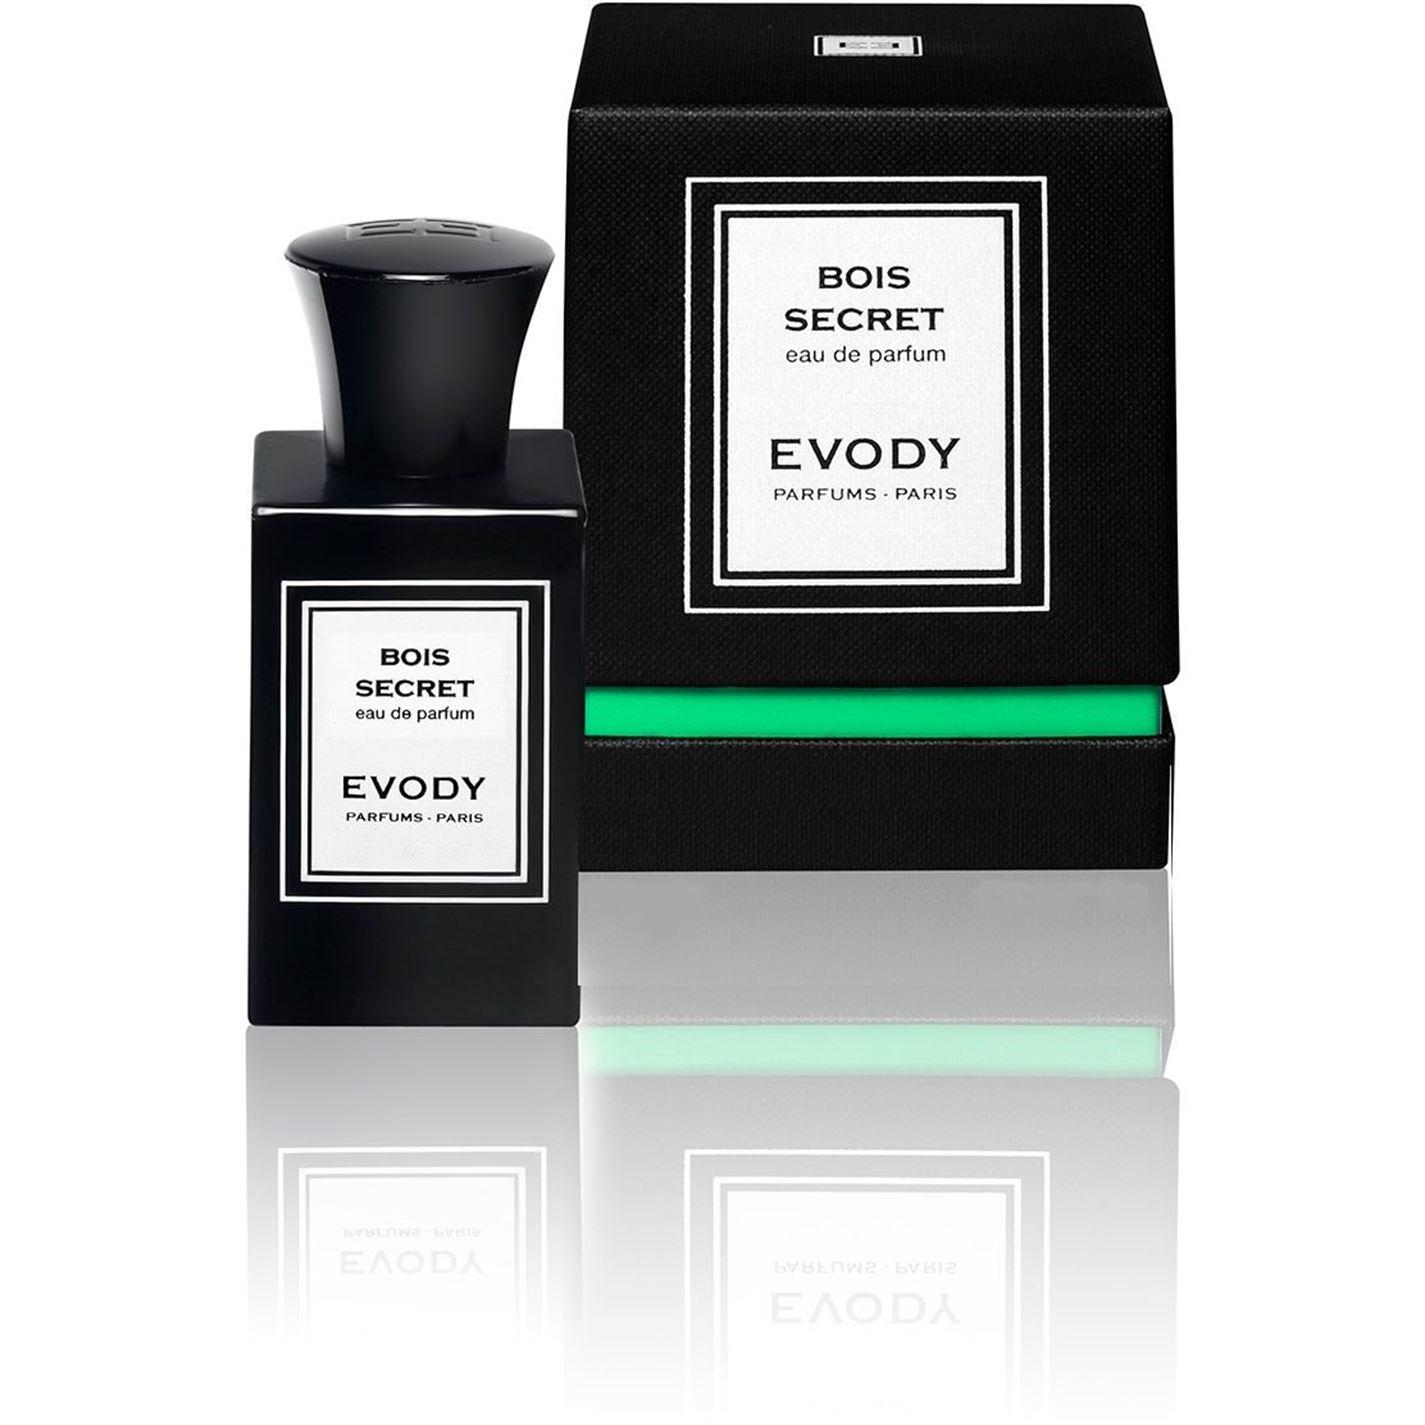 Evody Bois Secrets Eau de Parfum 100ml